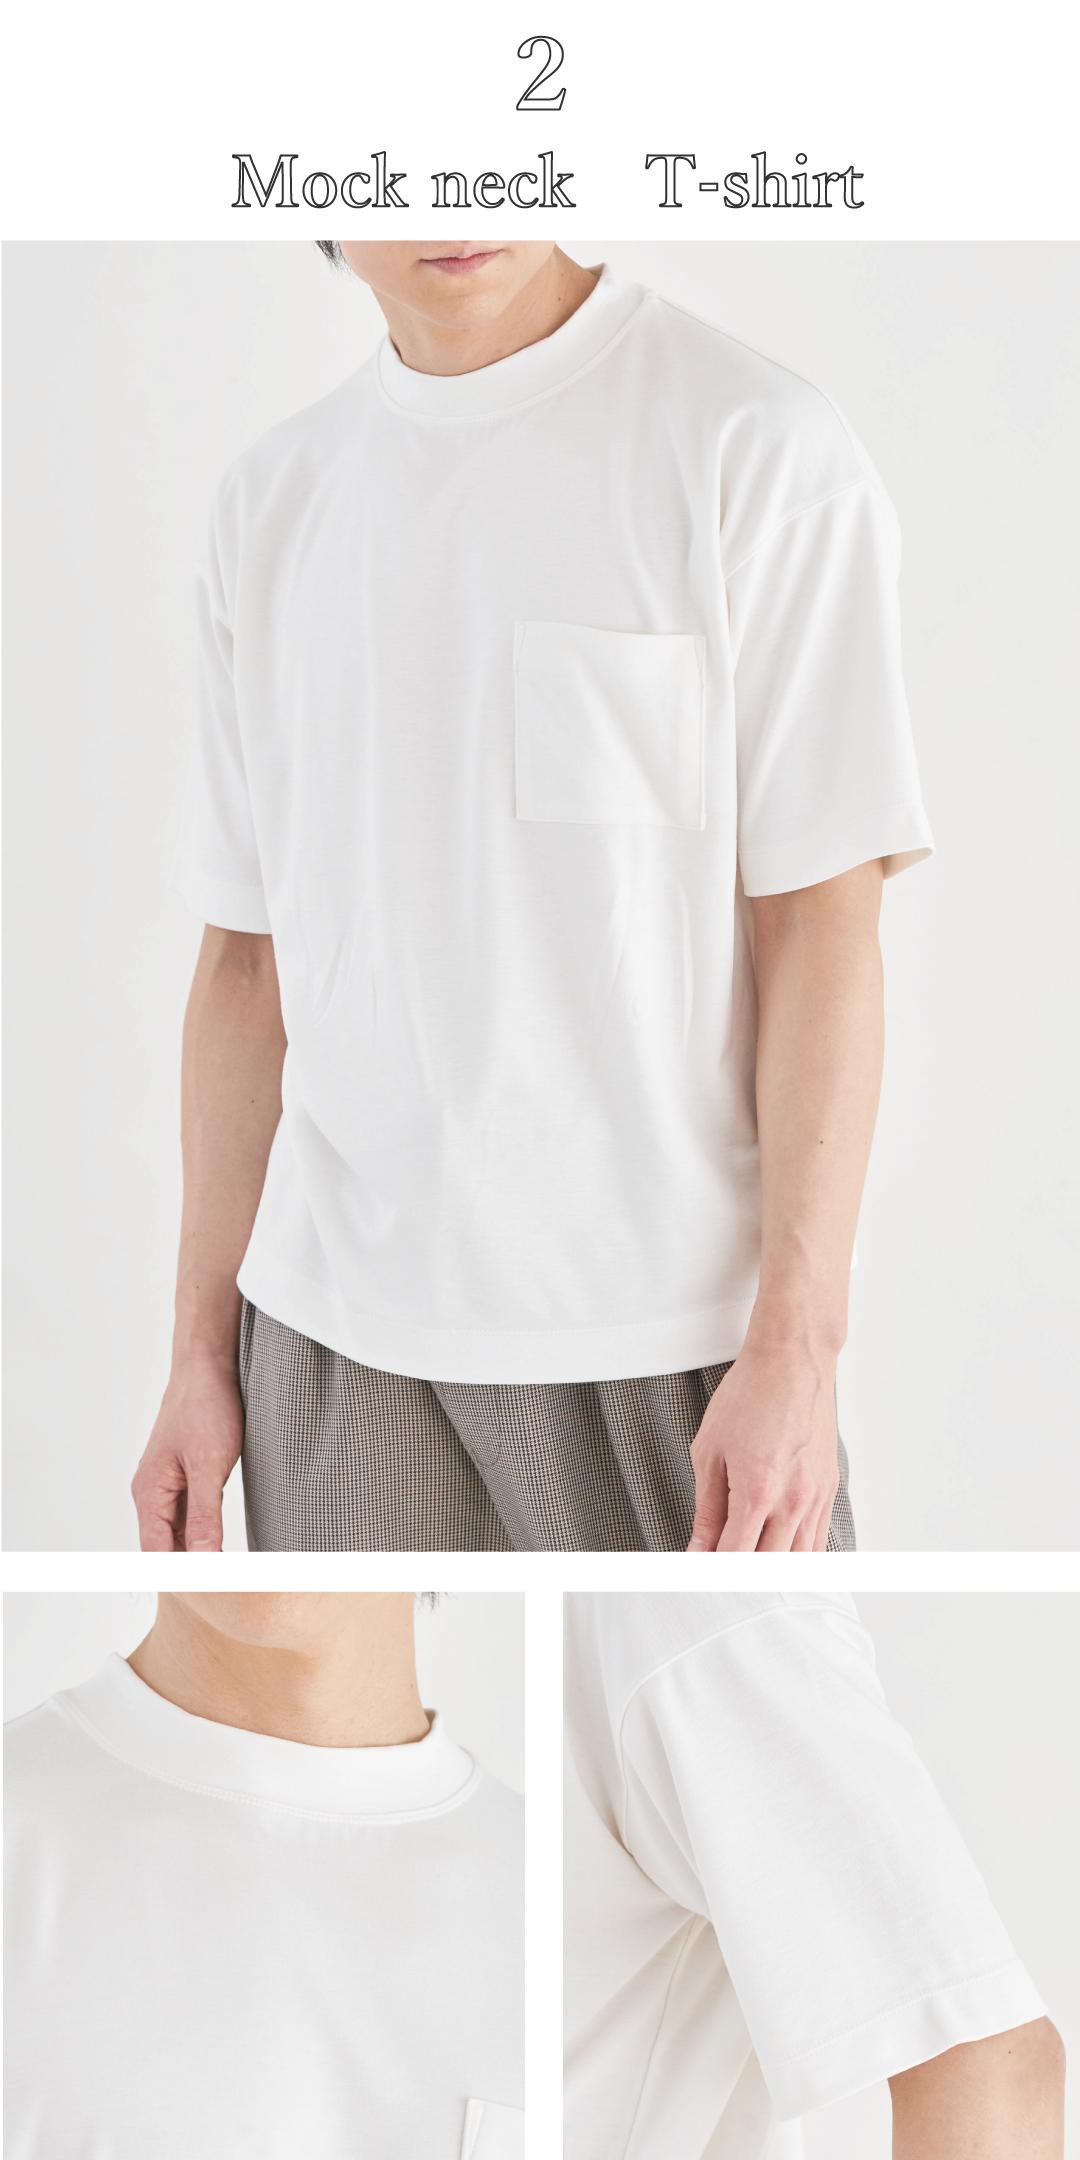 デラヴィスポンチ 毛玉 型崩れ 防止 モックネック 白Tシャツ